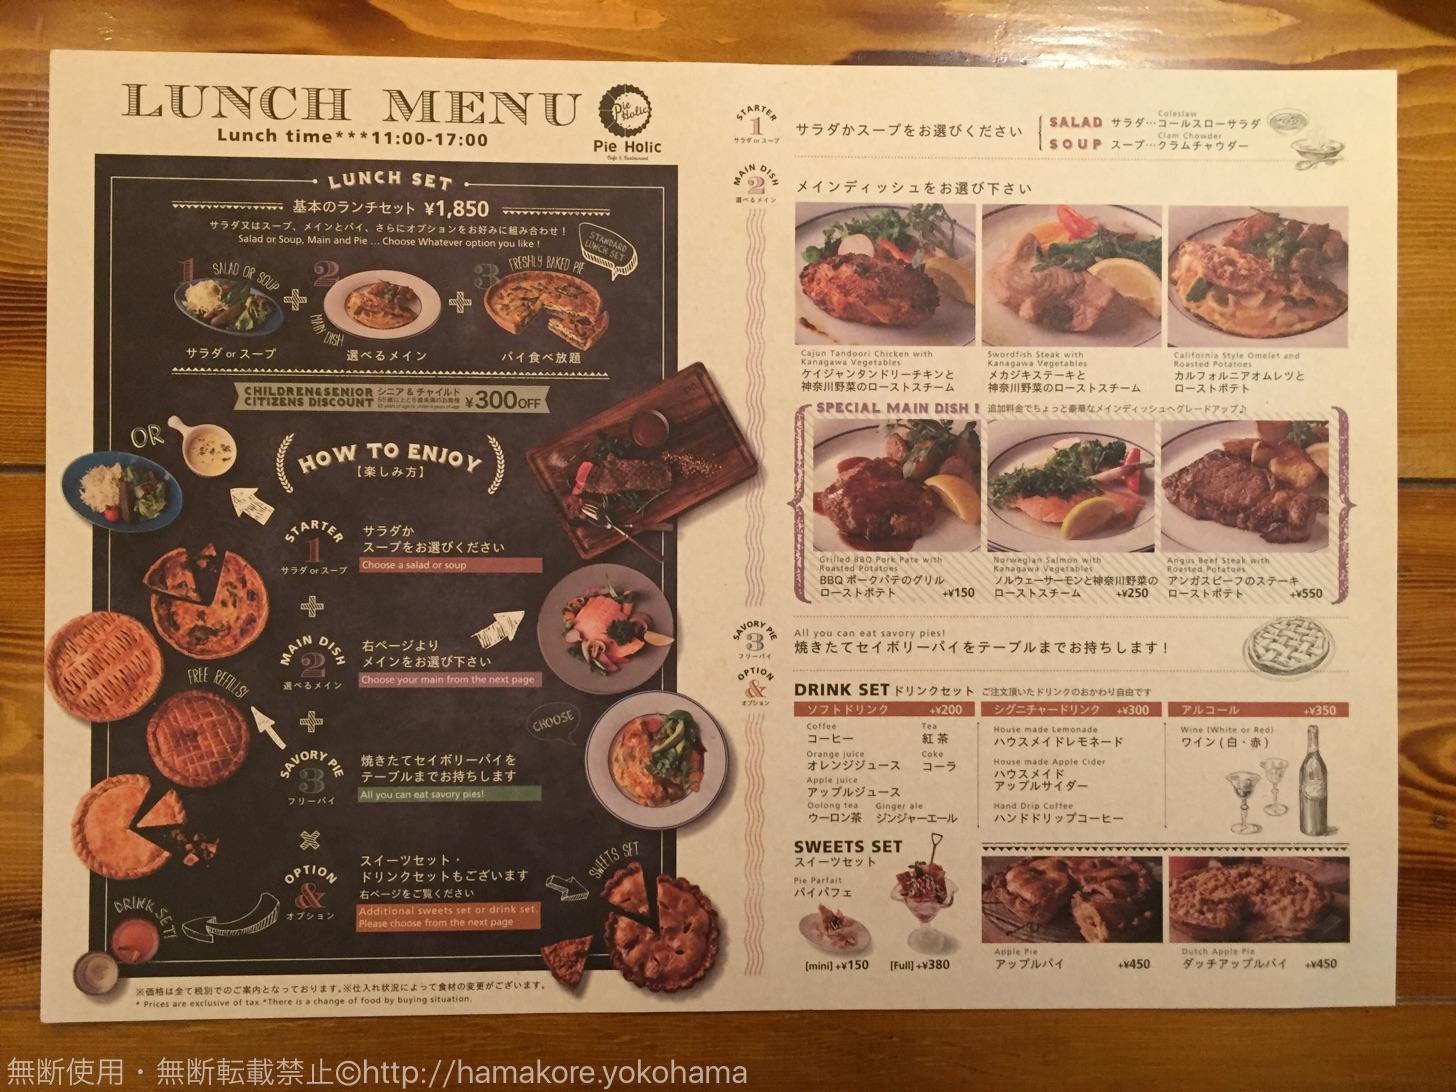 サラダ or スープ + メイン + パイ食べ放題 1,850円